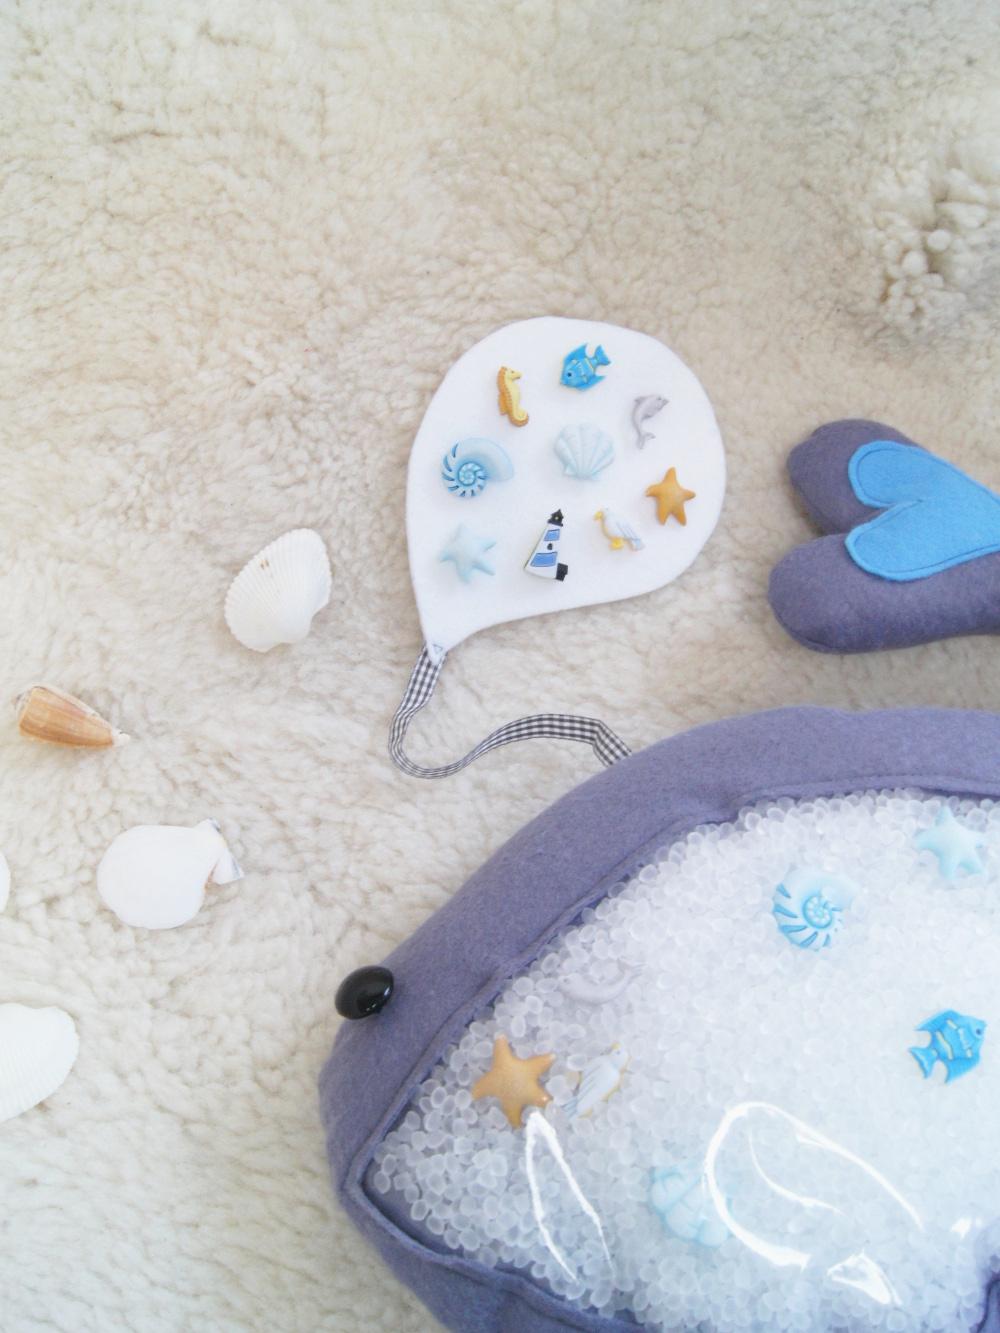 Kostenloses Ebook - Anleitung und Vorlagen: Stofftier und Entdeckerspiel für Kleinkinder. Der Wal lädt kleine Kinder zum Spielen und Kuscheln ein. | von Fantasiewerk